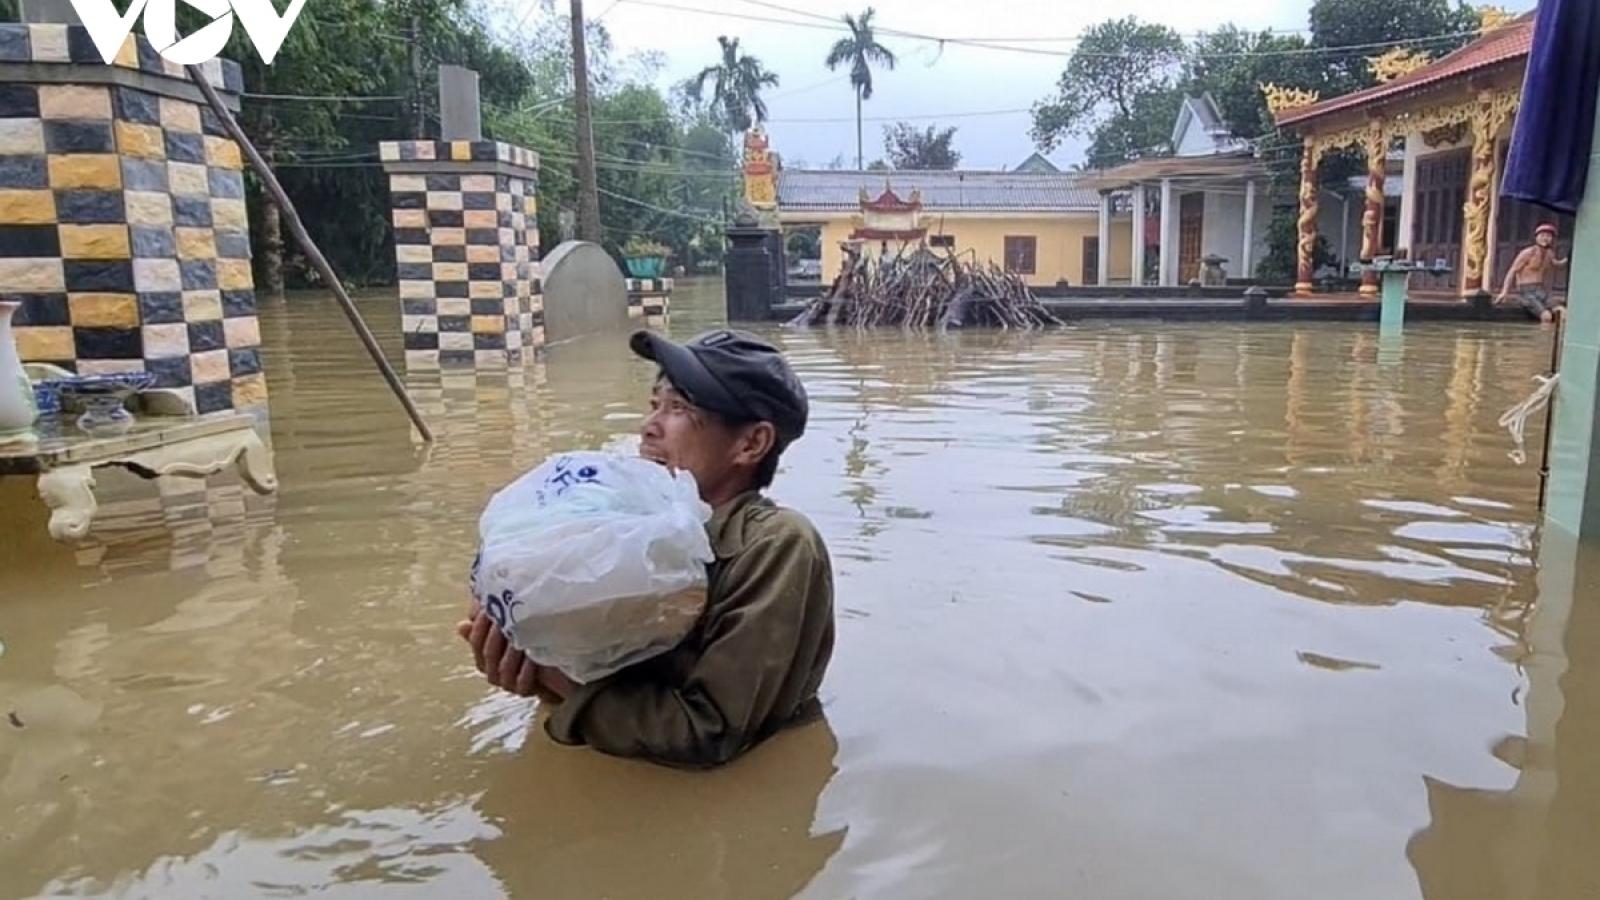 Số người chết do bão lũ ở Miền Trung tăng lên 36, khẩn cấp hỗ trợ cứu đói